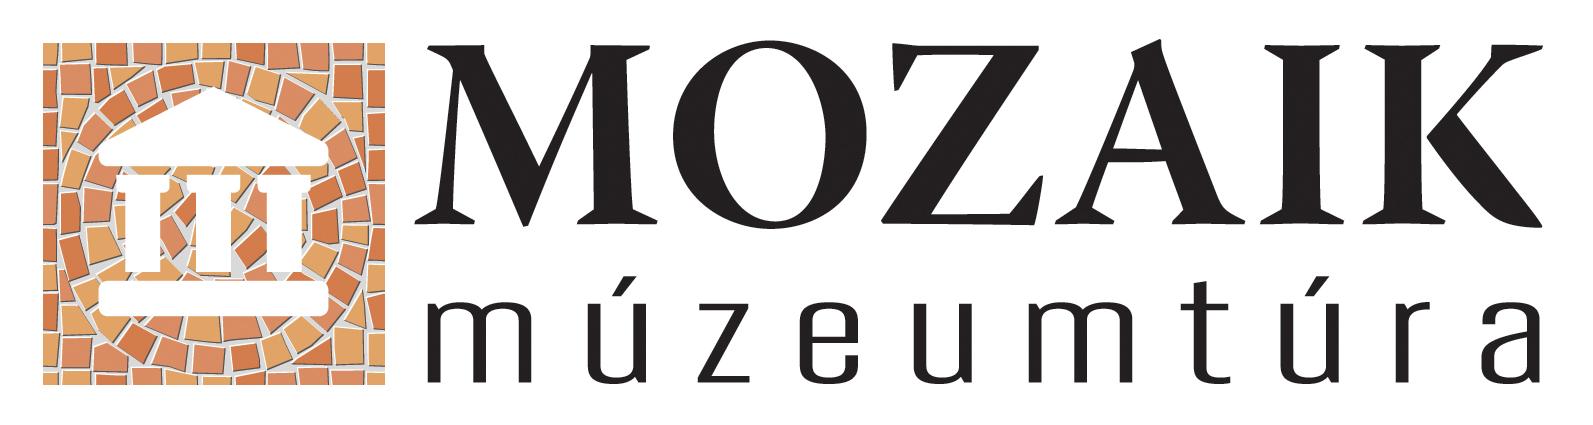 400 múzeum részvételével folytatódik a Mozaik Múzeumtúra